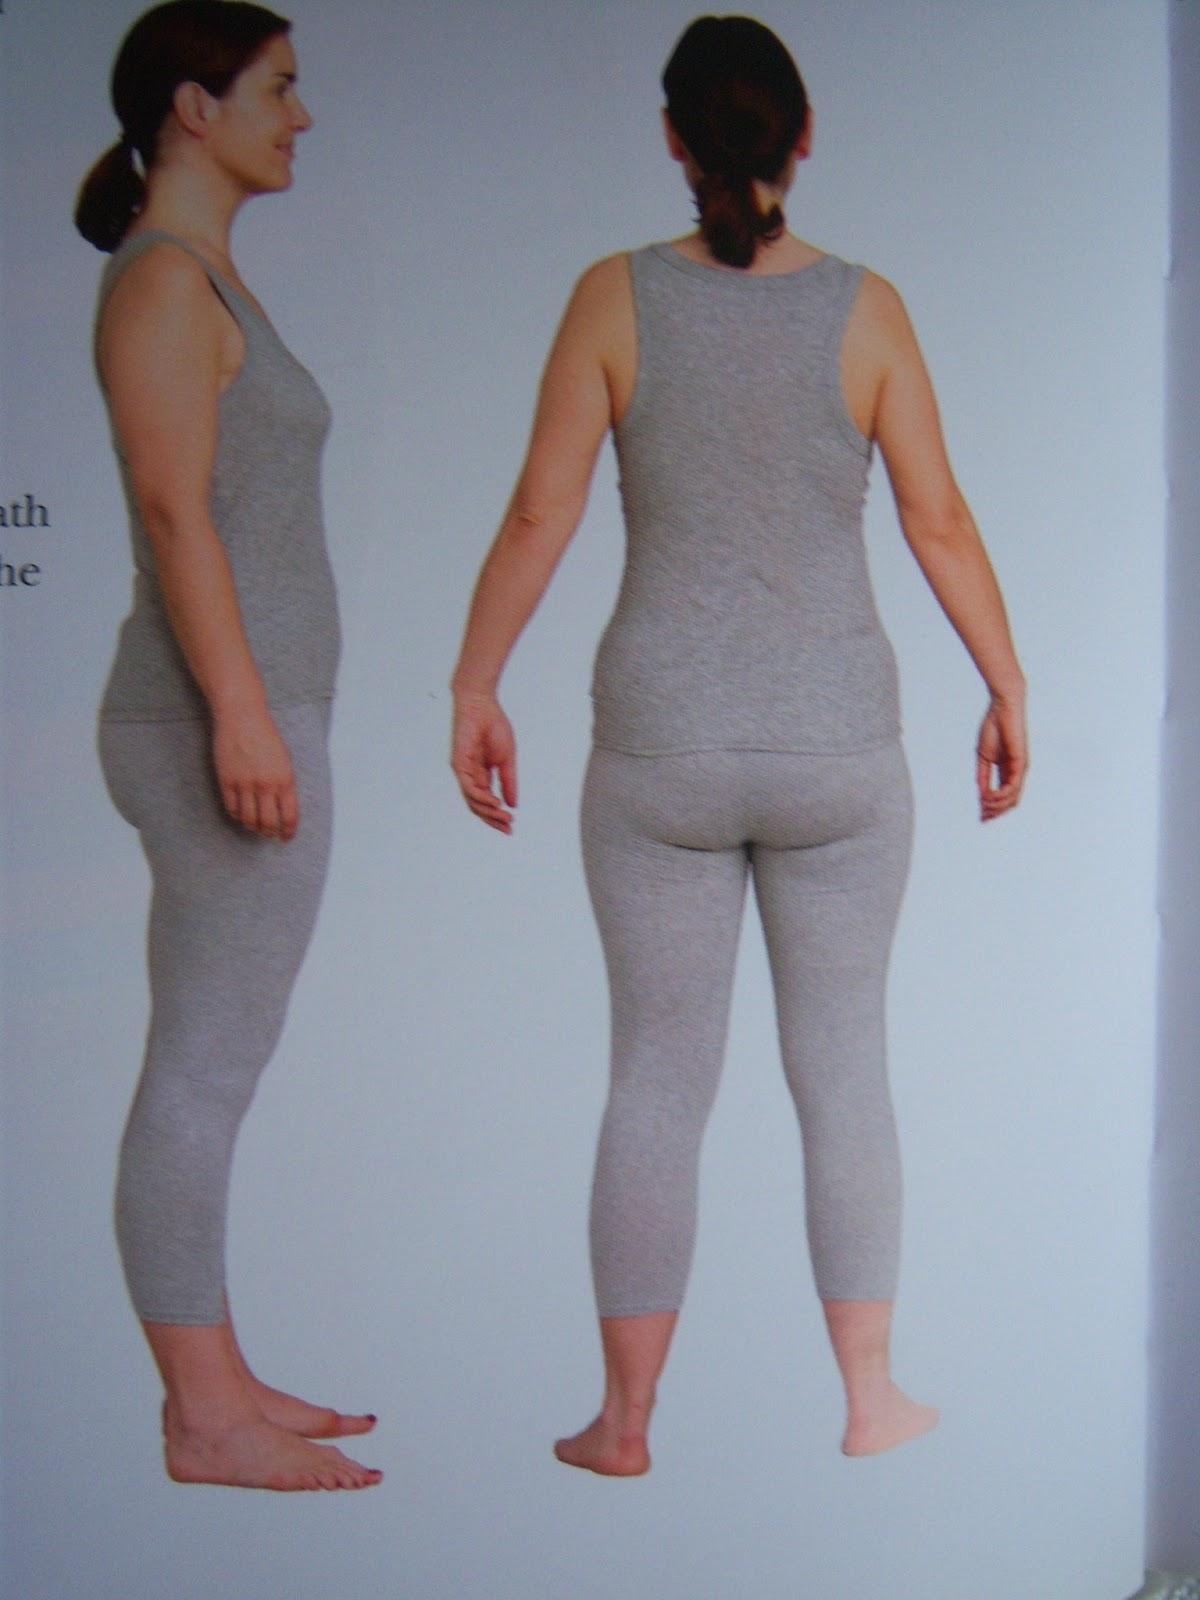 Фото женских фигур сзади фото 502-941